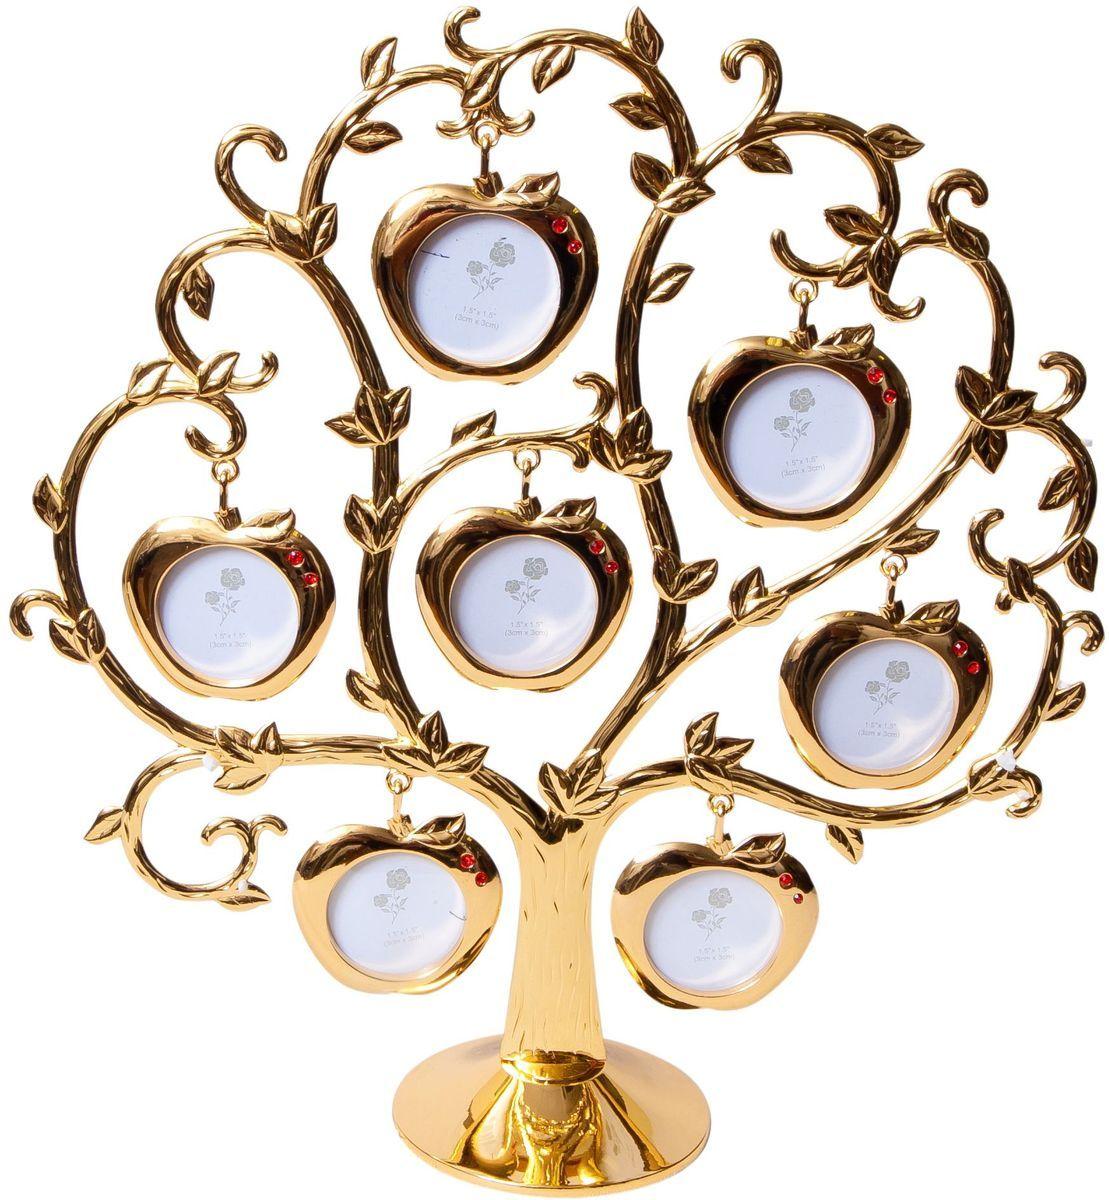 Фоторамка Platinum Дерево. Яблоки, цвет: золотистый, на 7 фото, 4 x 4 см. PF9460ASGPLATINUM BH-2308-Black-ЧёрныйДекоративная фоторамка Platinum Дерево. Яблоки выполнена из металла. На подставку в виде деревца подвешиваются семь фоторамок в форме яблок, украшенных стразами. Изысканная и эффектная, эта потрясающая рамочка покорит своей красотой и изумительным качеством исполнения. Фоторамка Platinum Дерево. Яблоки не только украсит интерьер помещения, но и поможет разместить фото всей вашей семьи. Высота фоторамки: 26 см. Фоторамка подходит для фотографий 4 х 4 см.Общий размер фоторамки: 23,5 х 5 х 26 см.